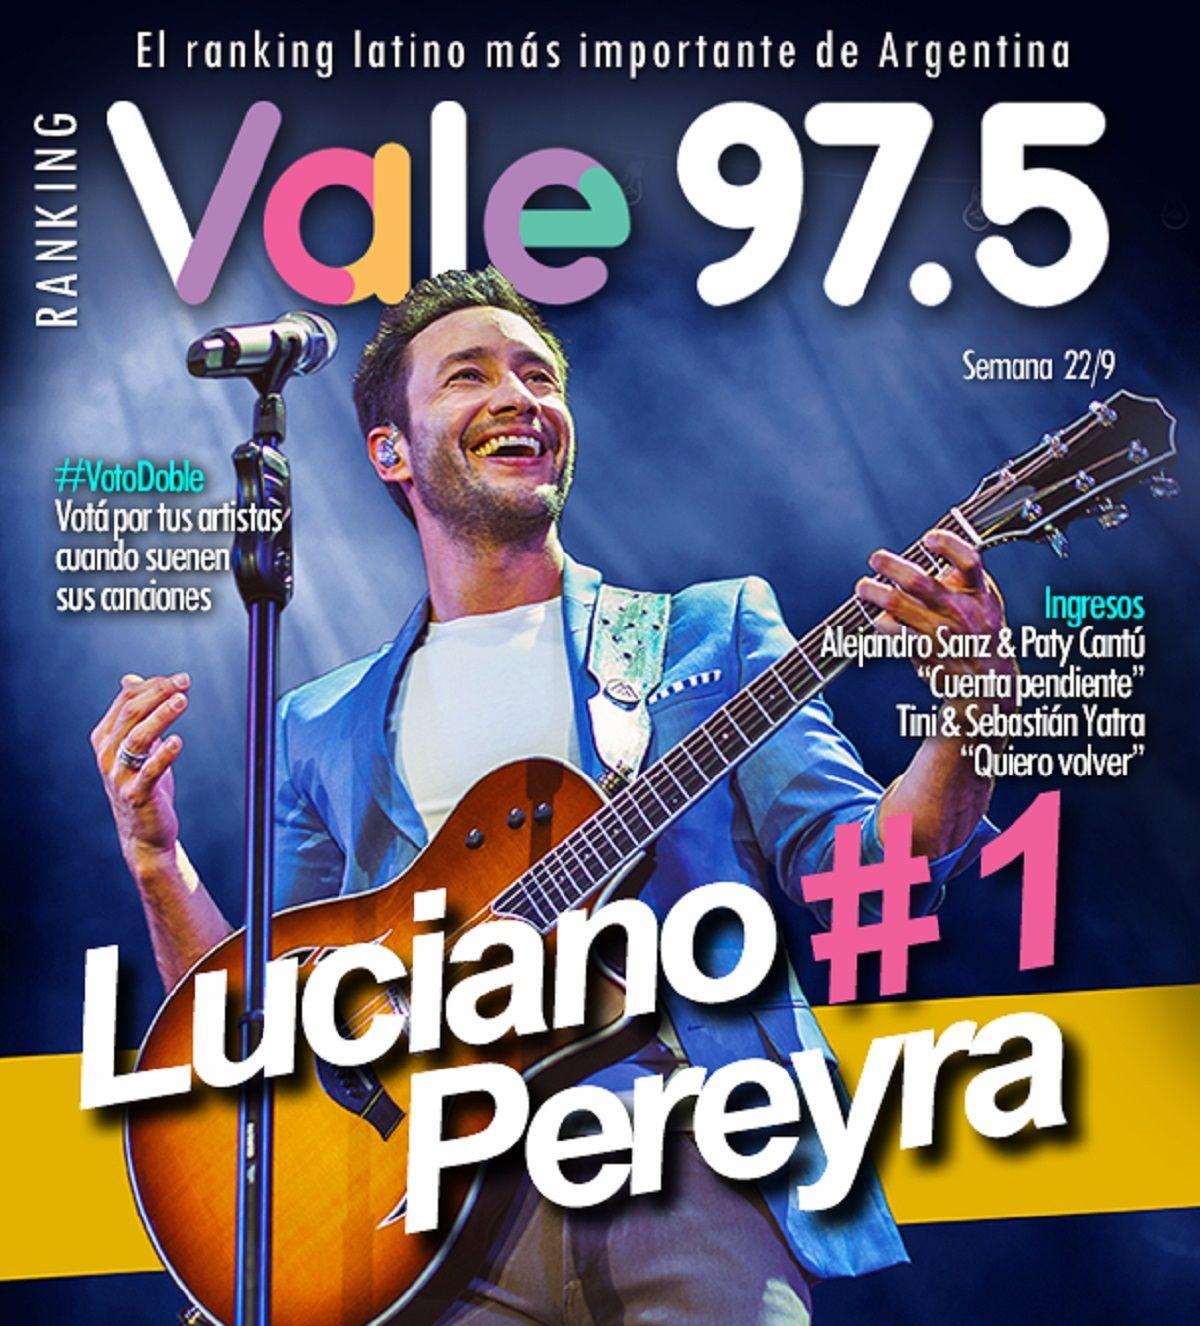 Luciano Pereyra, el rey del Ranking Vale